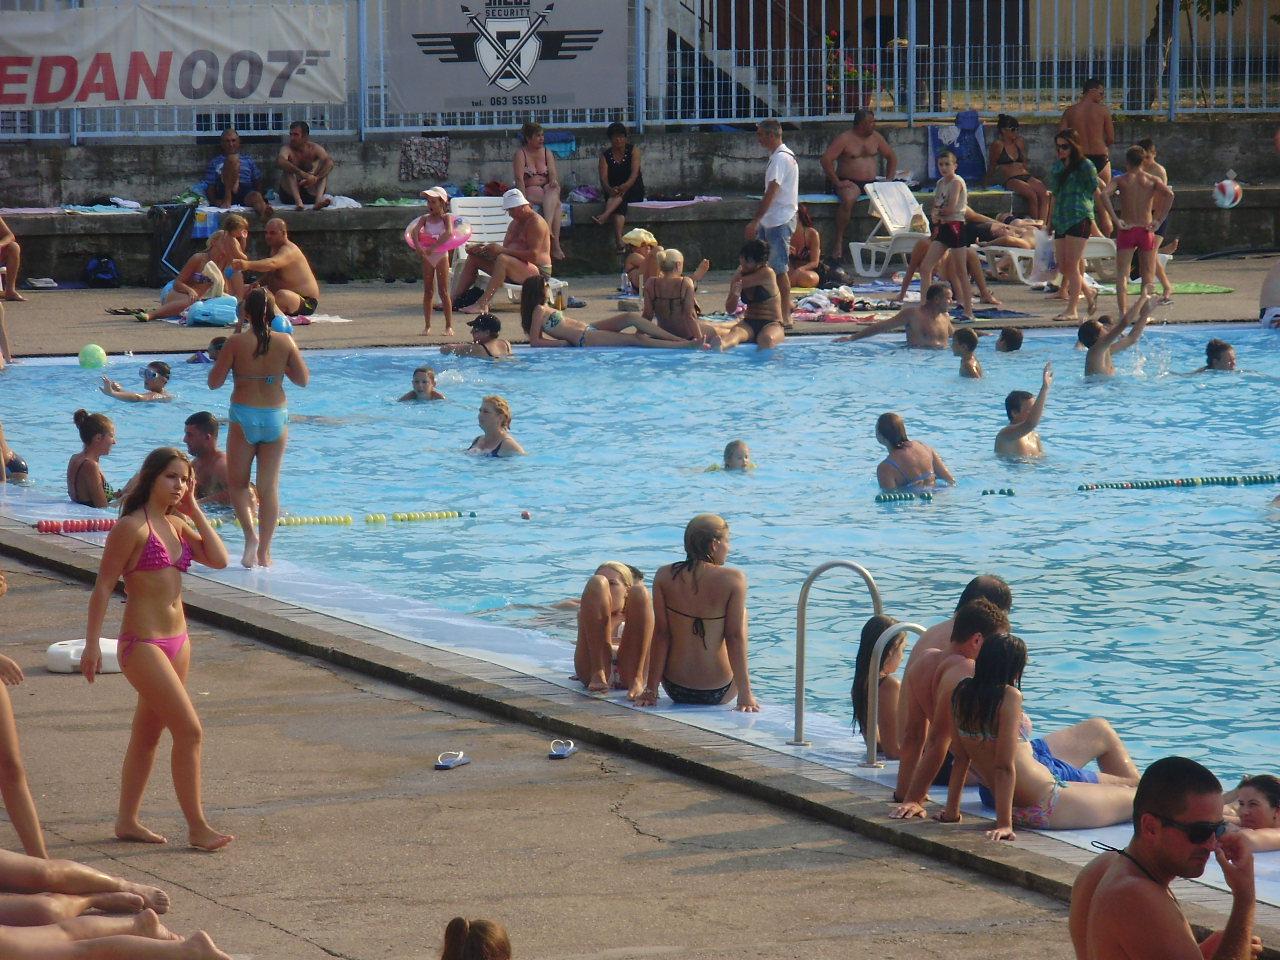 vrnjacka banja olimpijski bazen